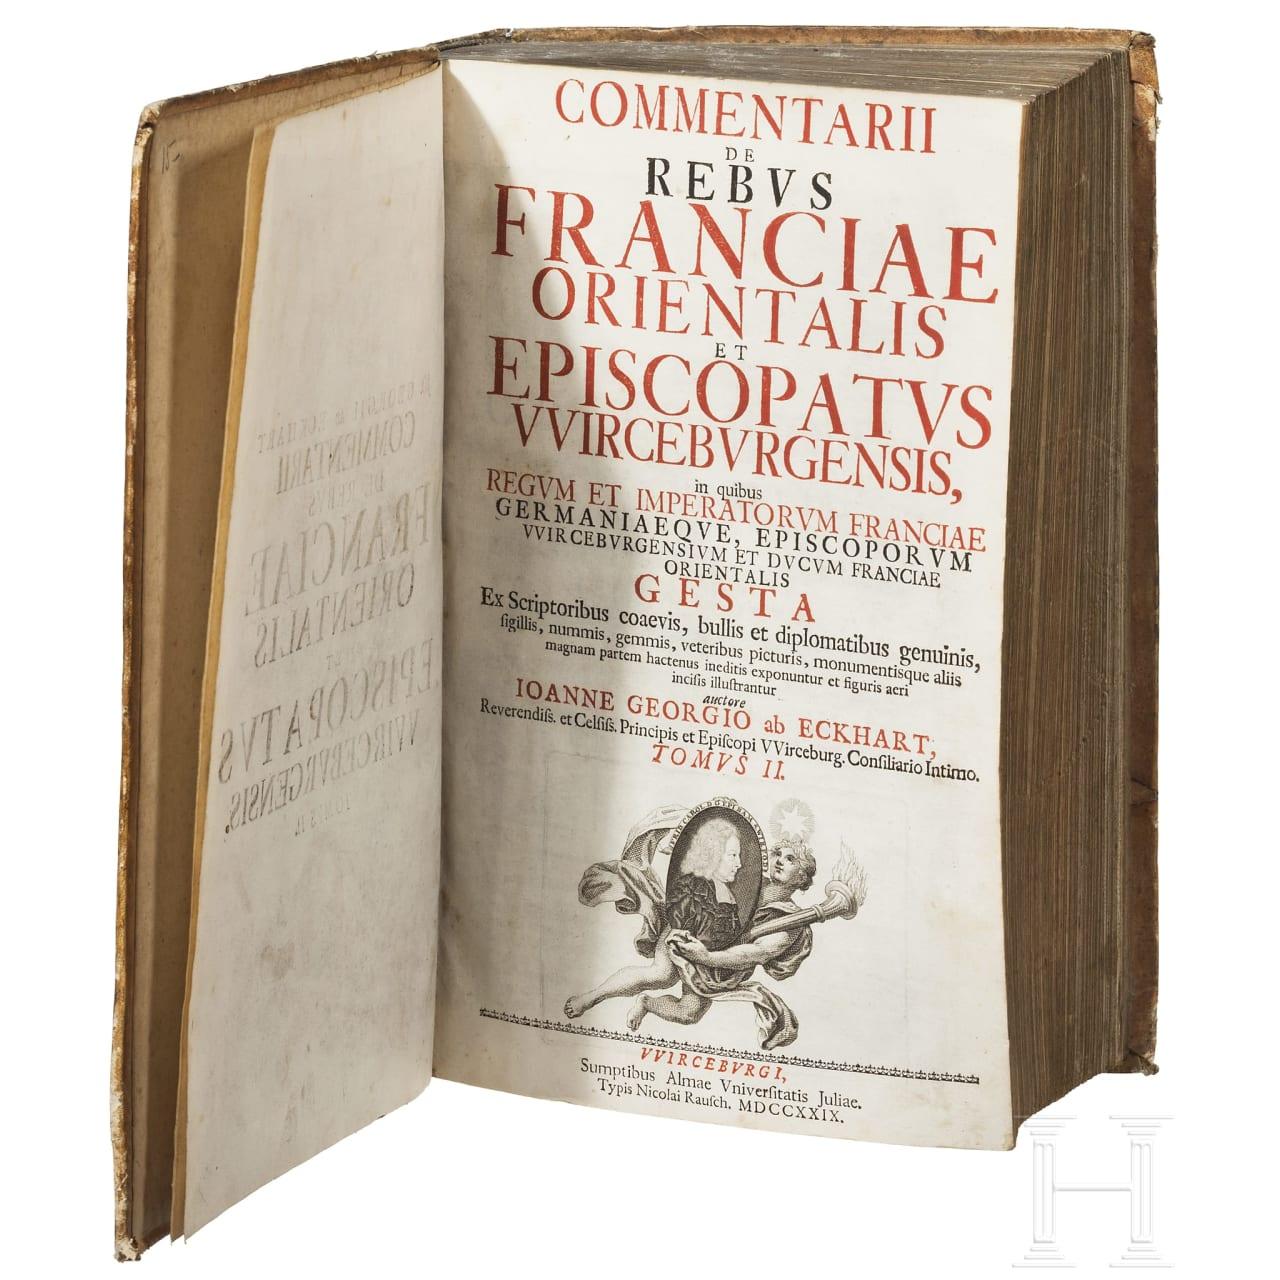 """Eckhart, Johann Georg von """"Commentarii de rebus franciae orientalis et episcopatus wirceburgensis"""", Würzburg 1729"""